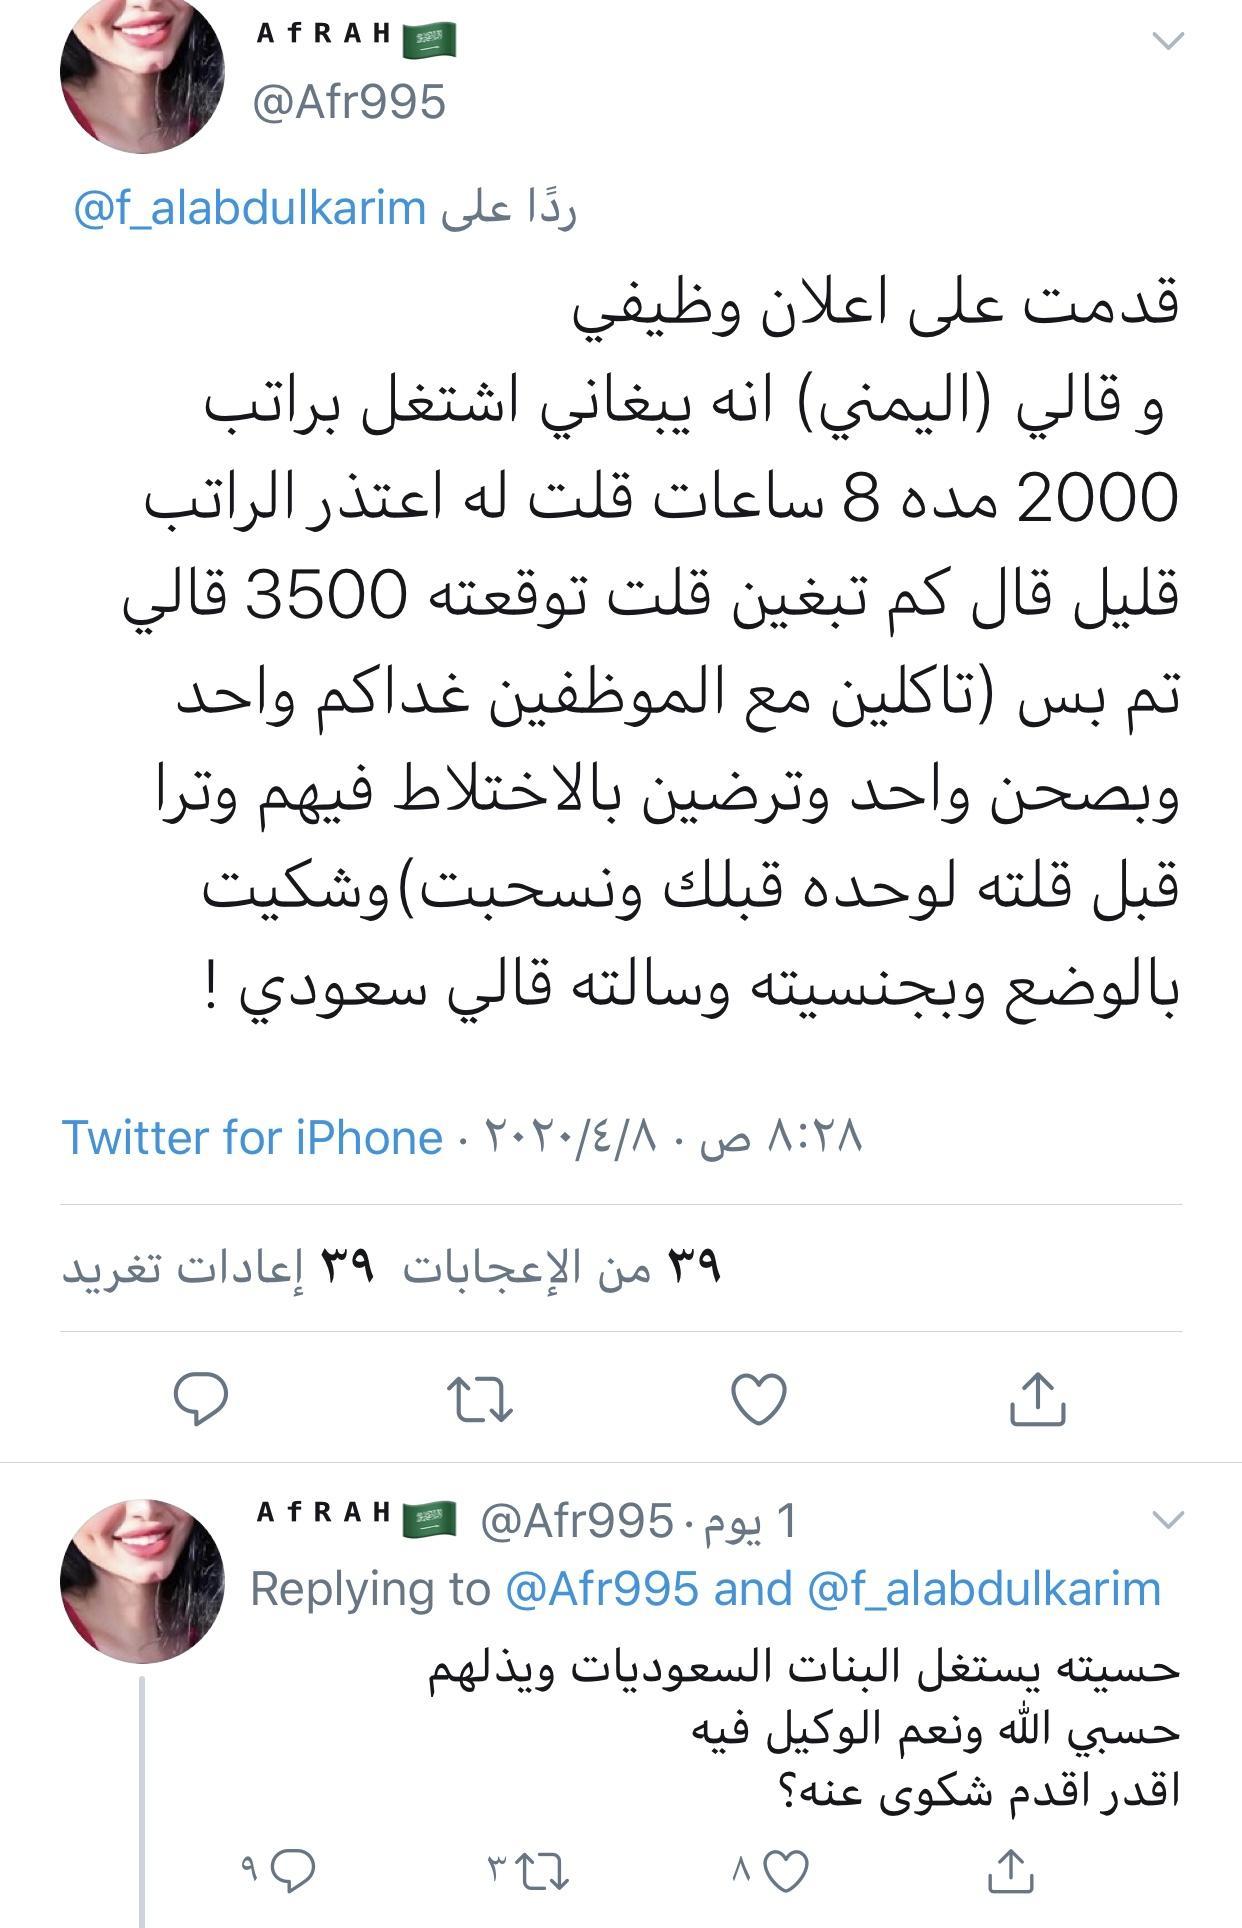 رد: مواطنة سعودية تشتكي من مقيم يمني مشرف العمل